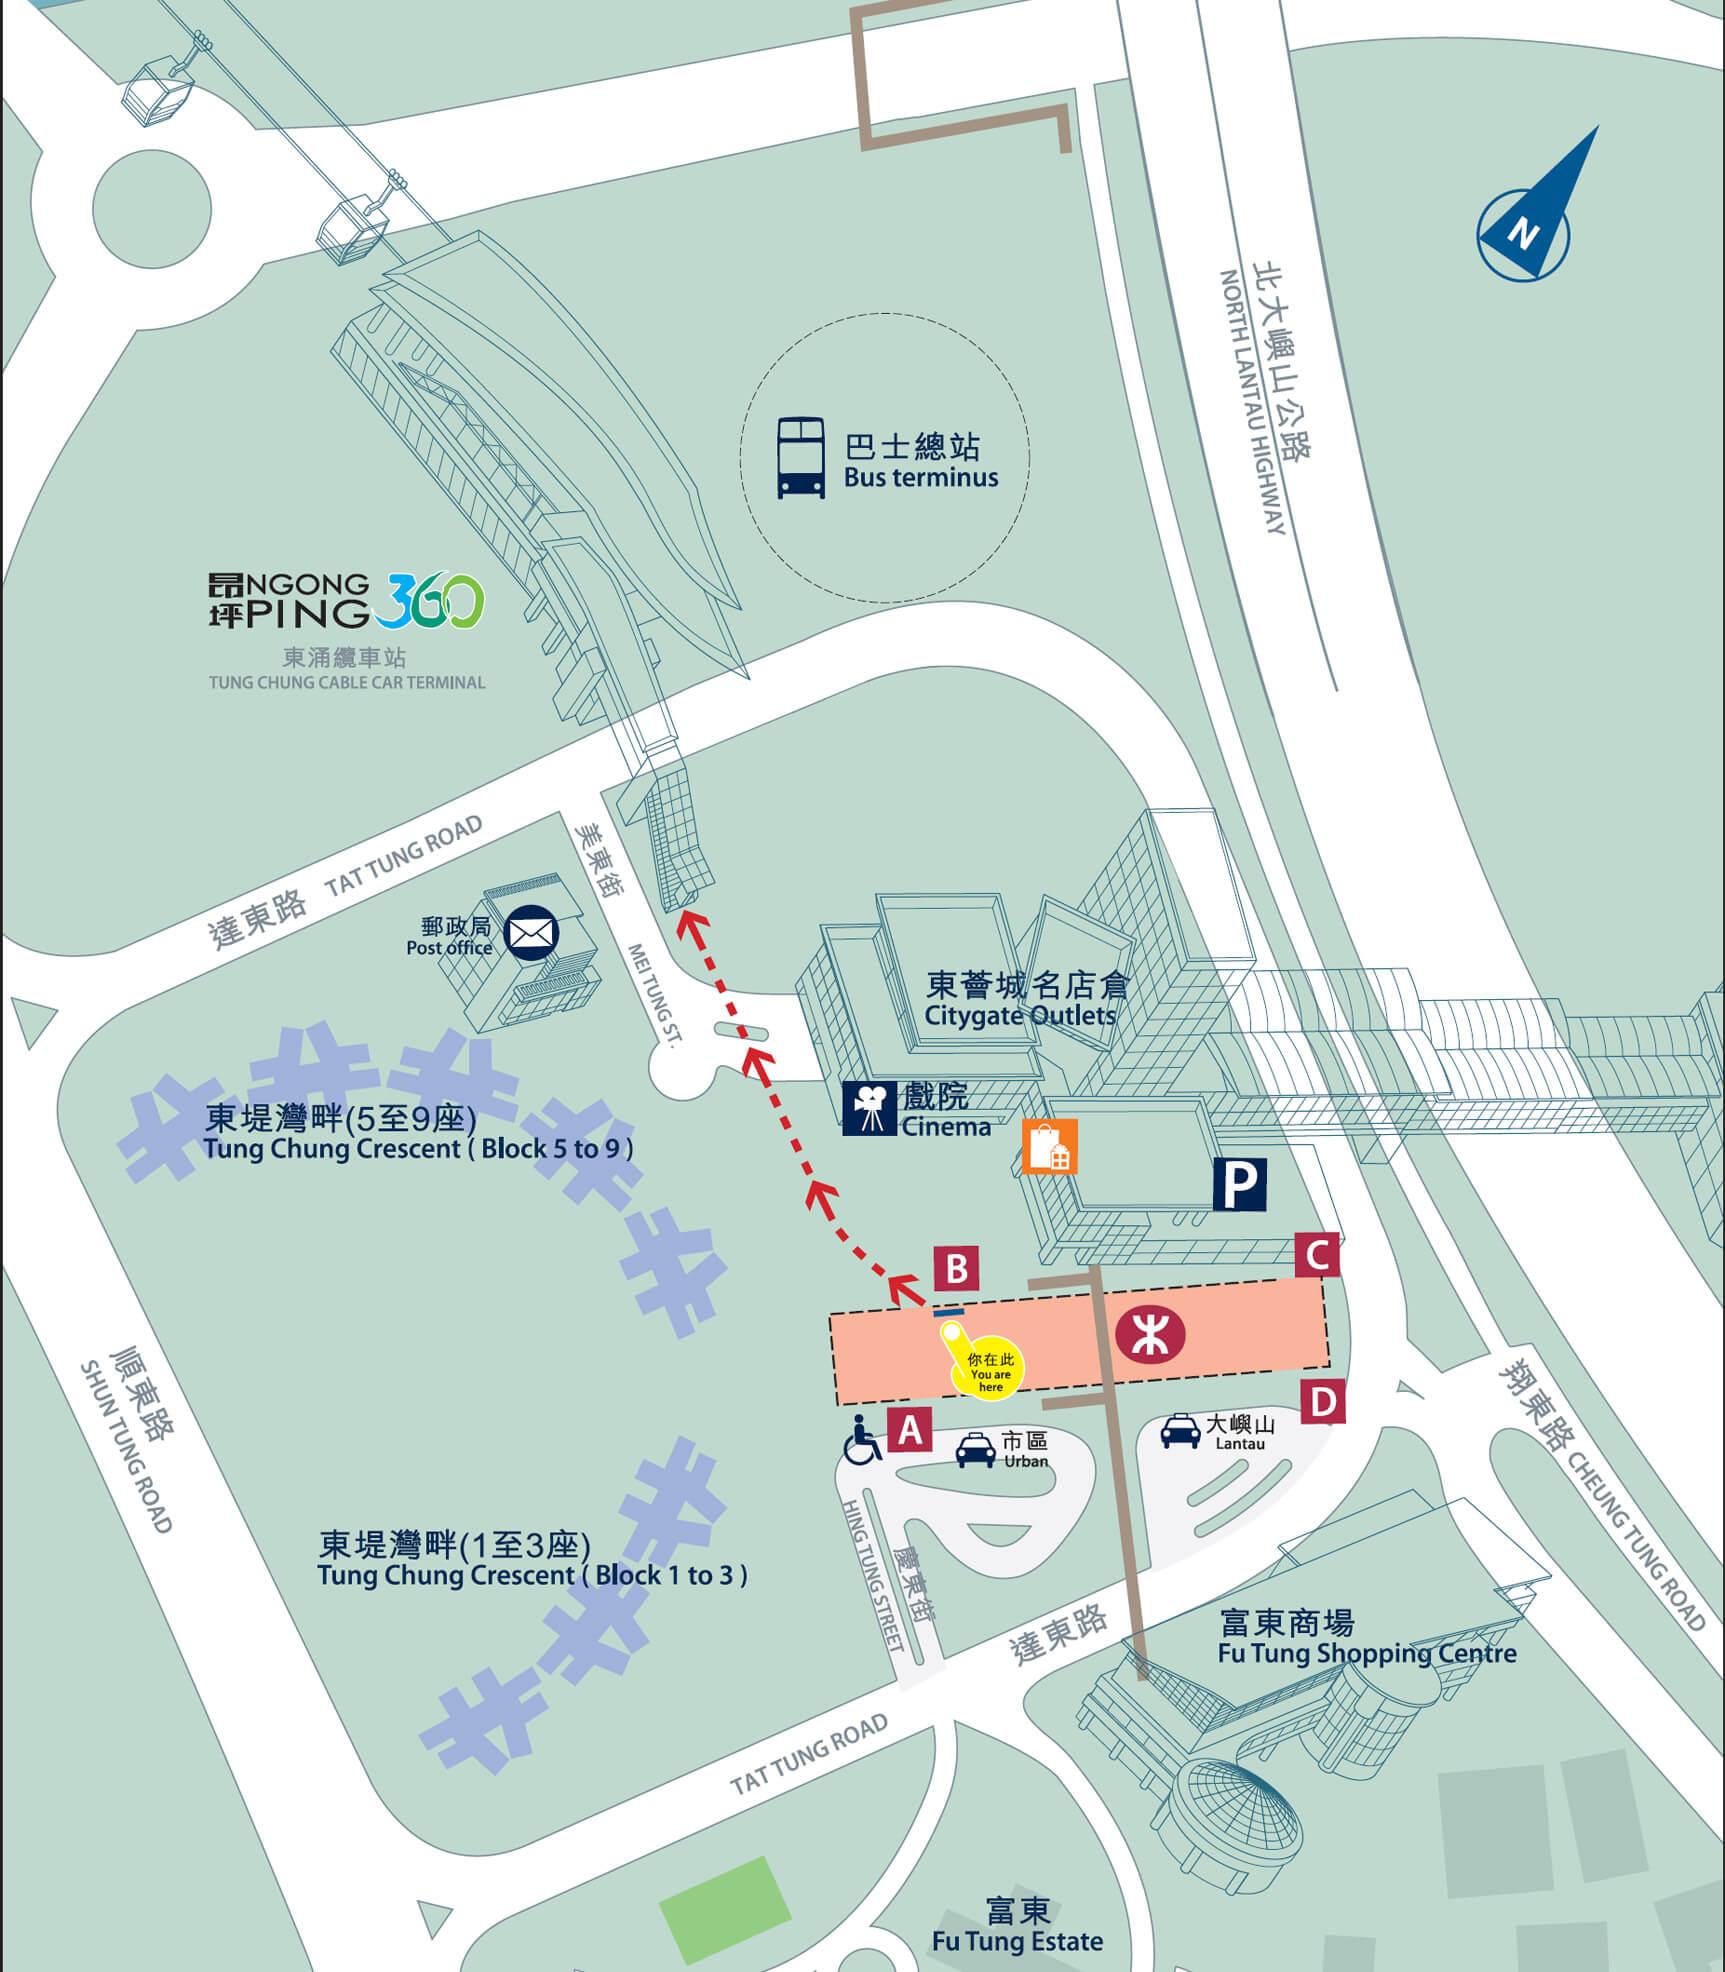 Kwai Chung Plaza Car Park